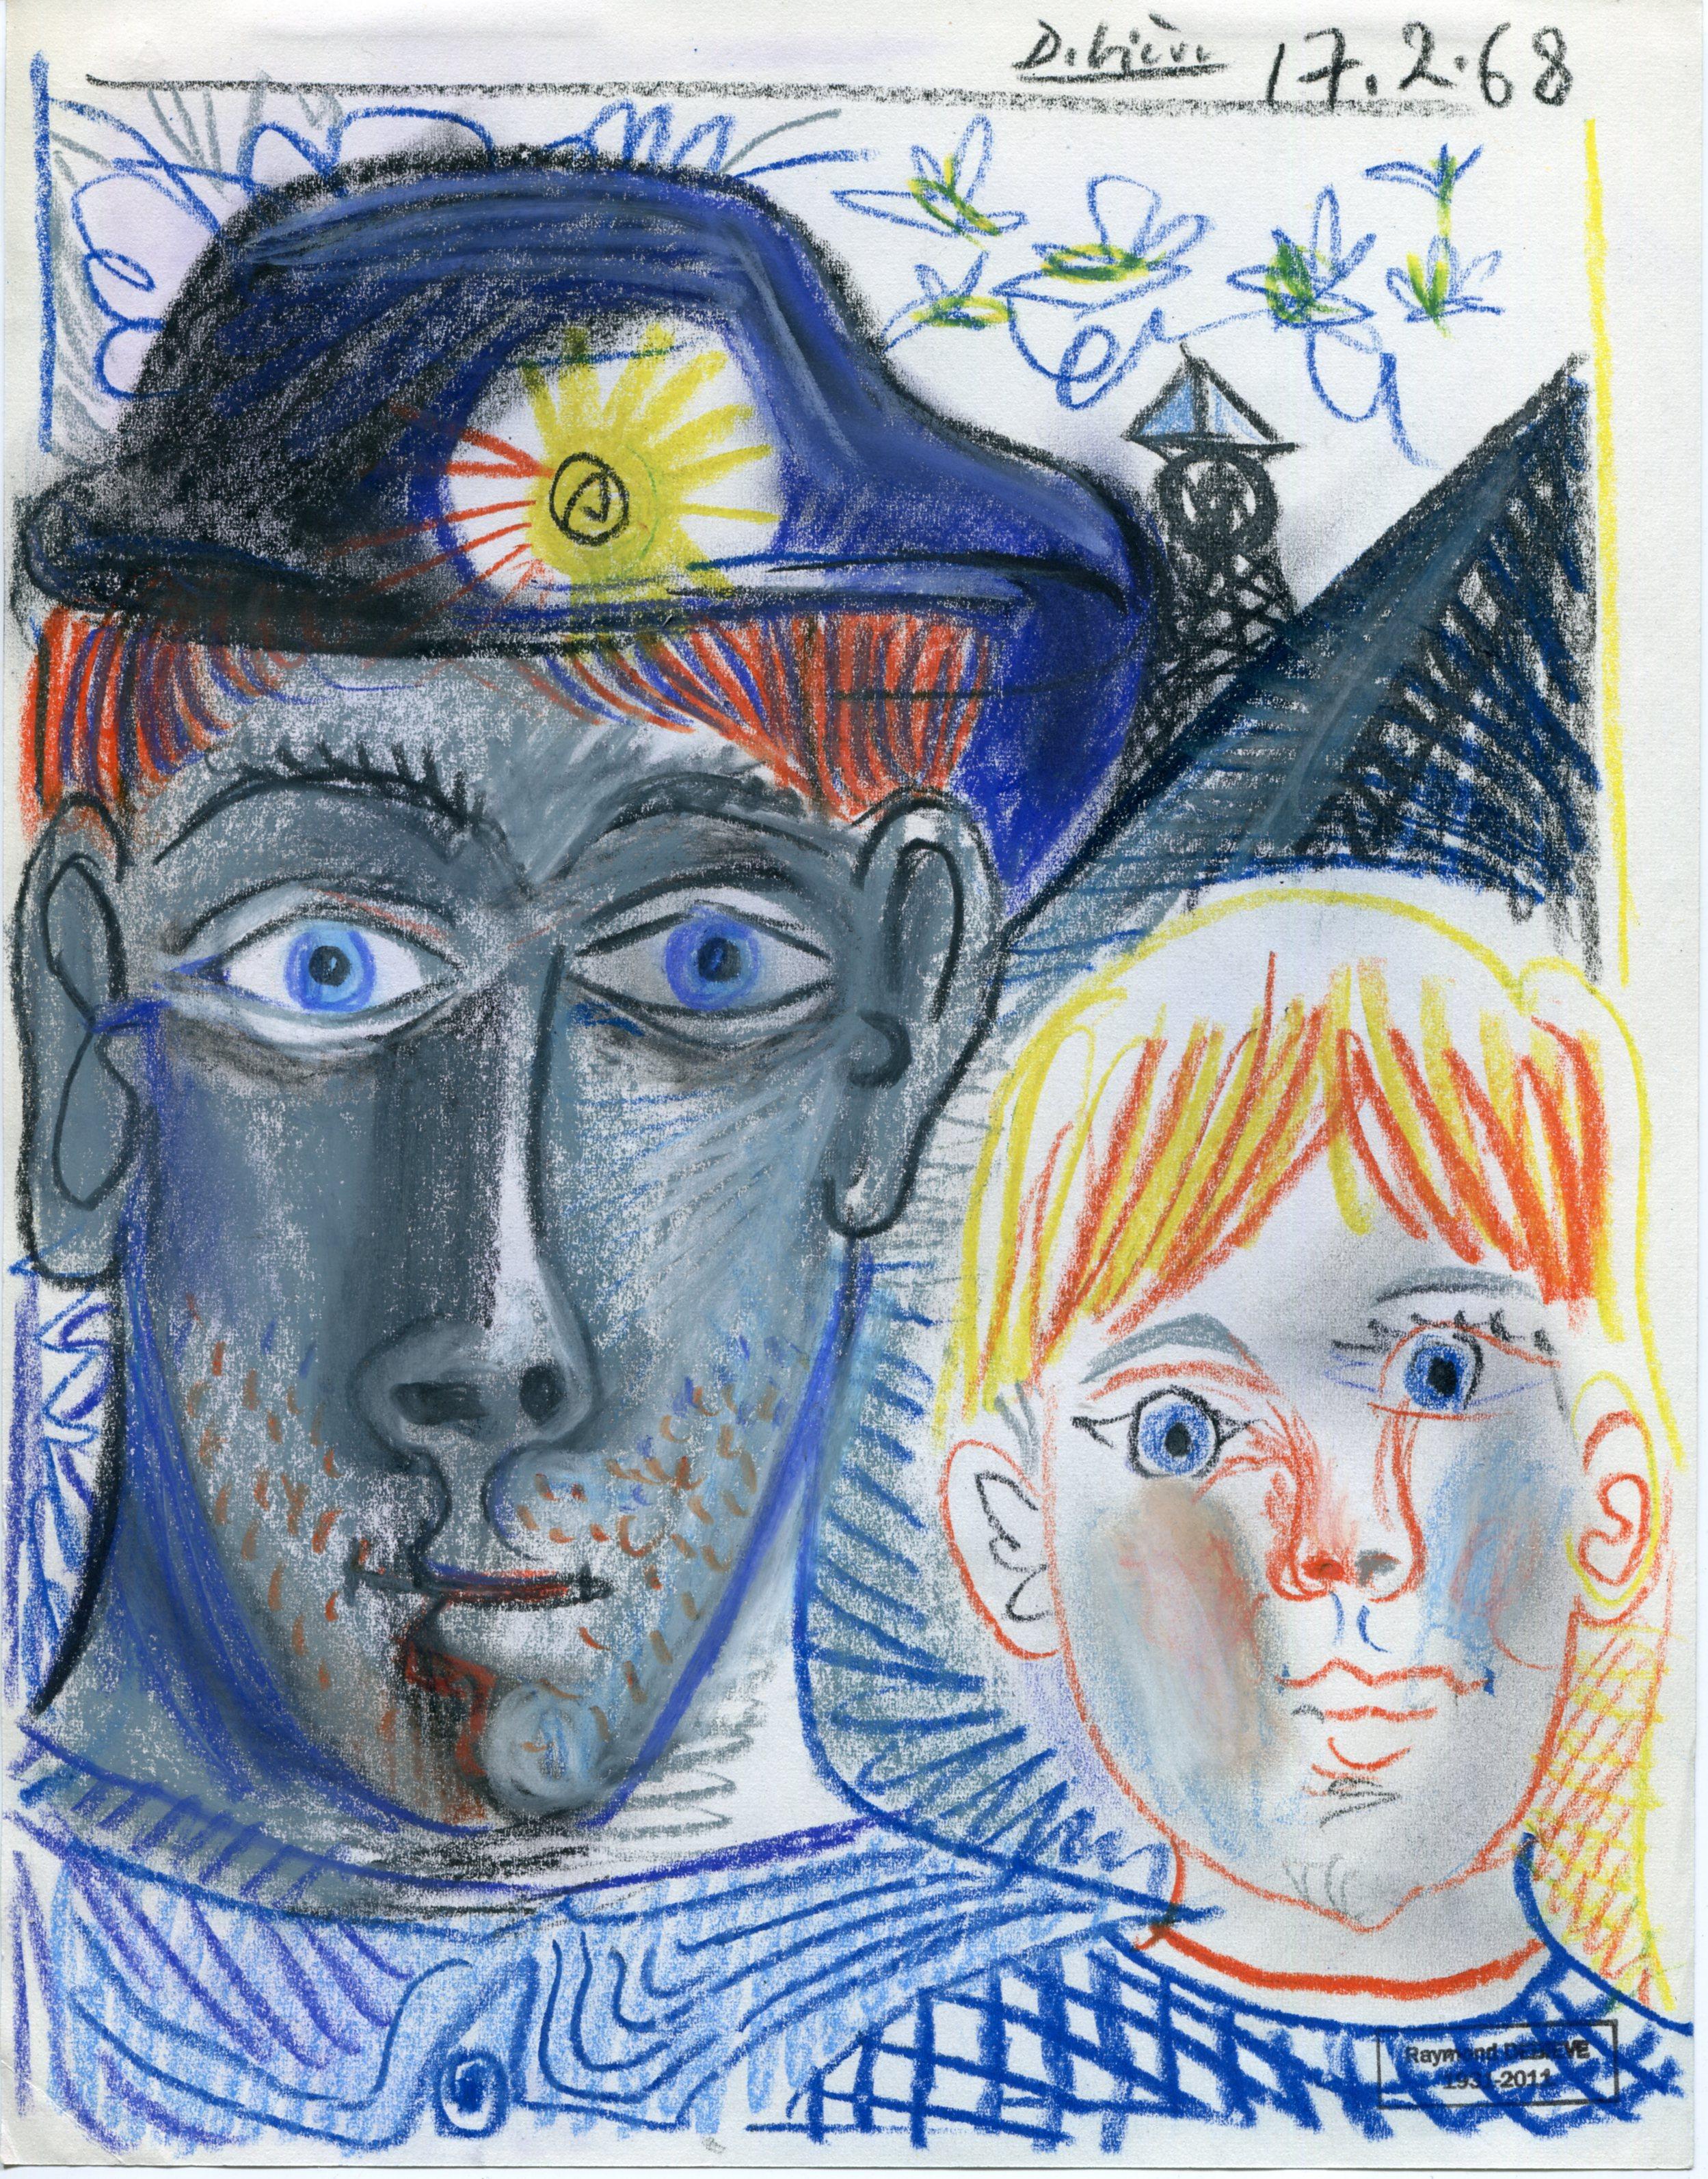 mineur et son fils - 27 x 21 cm